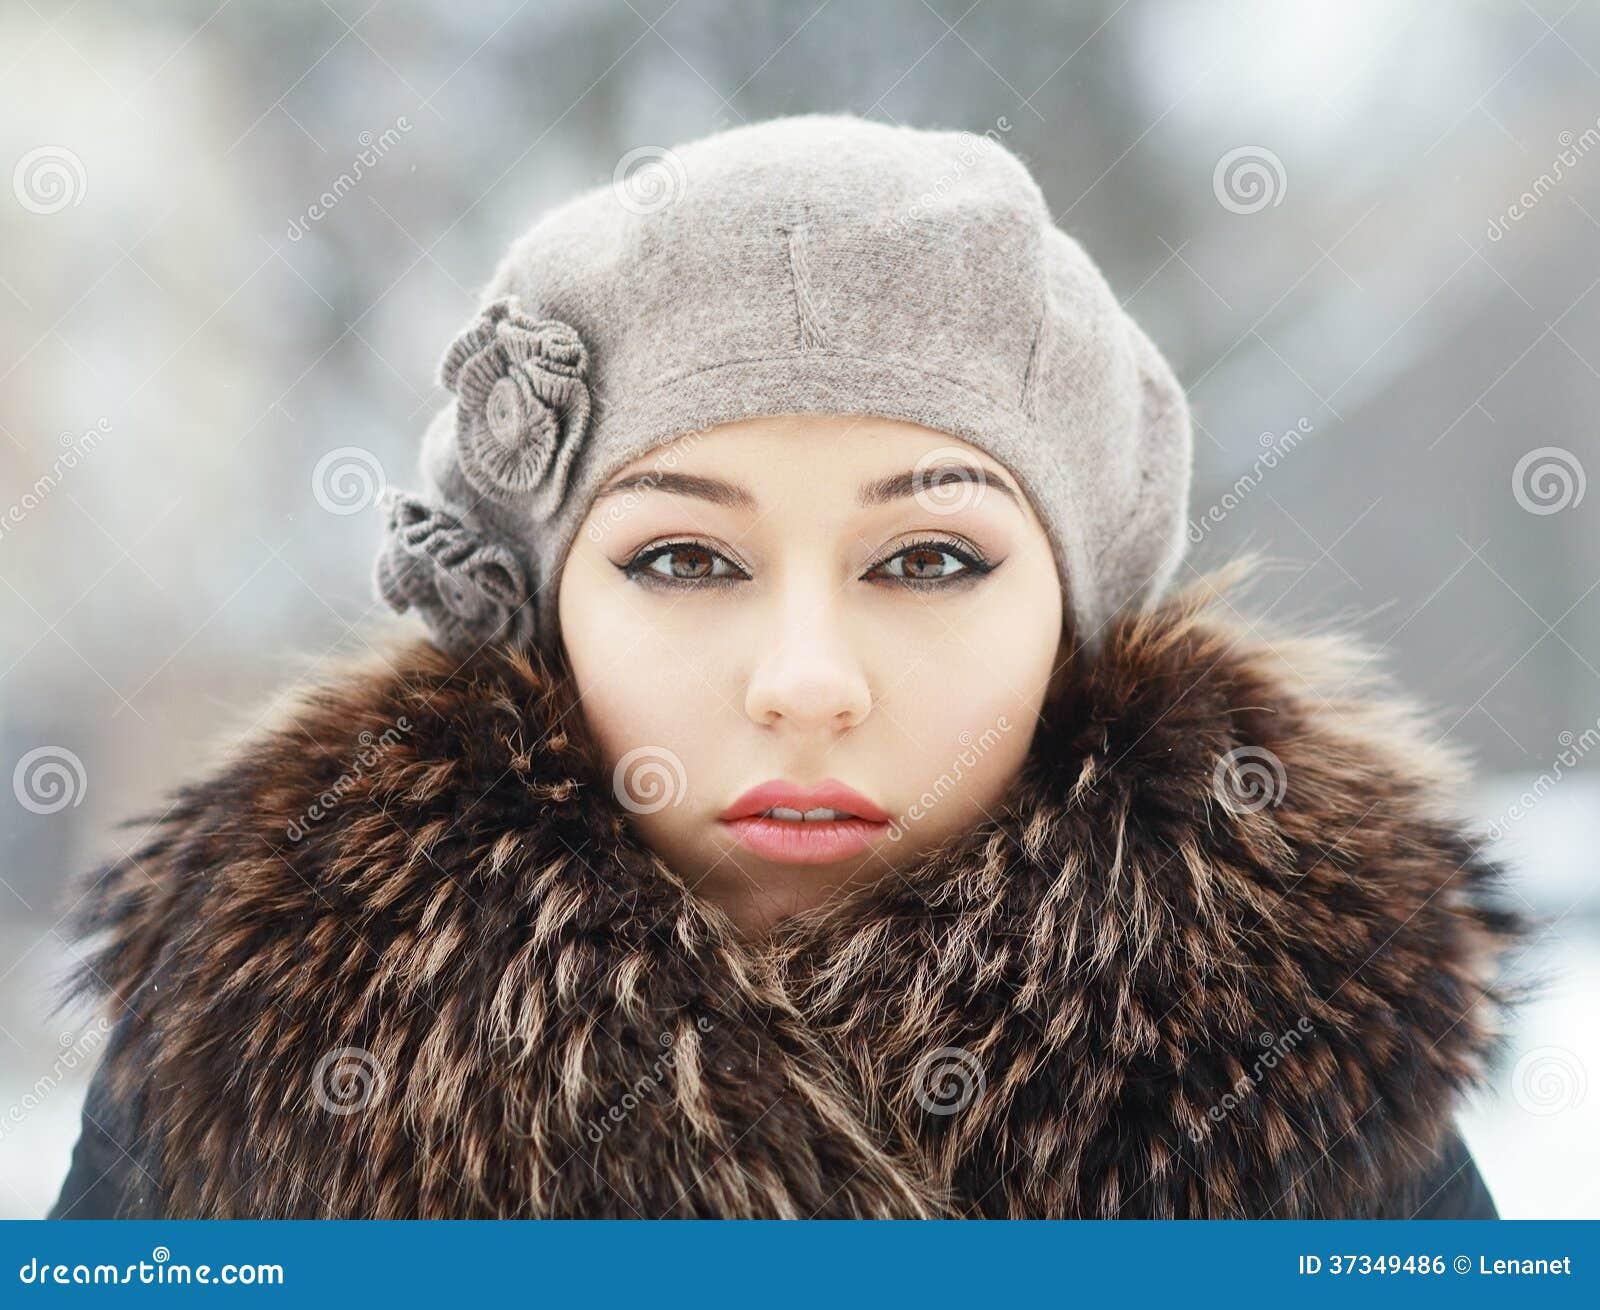 Morenita sensual en invierno frío